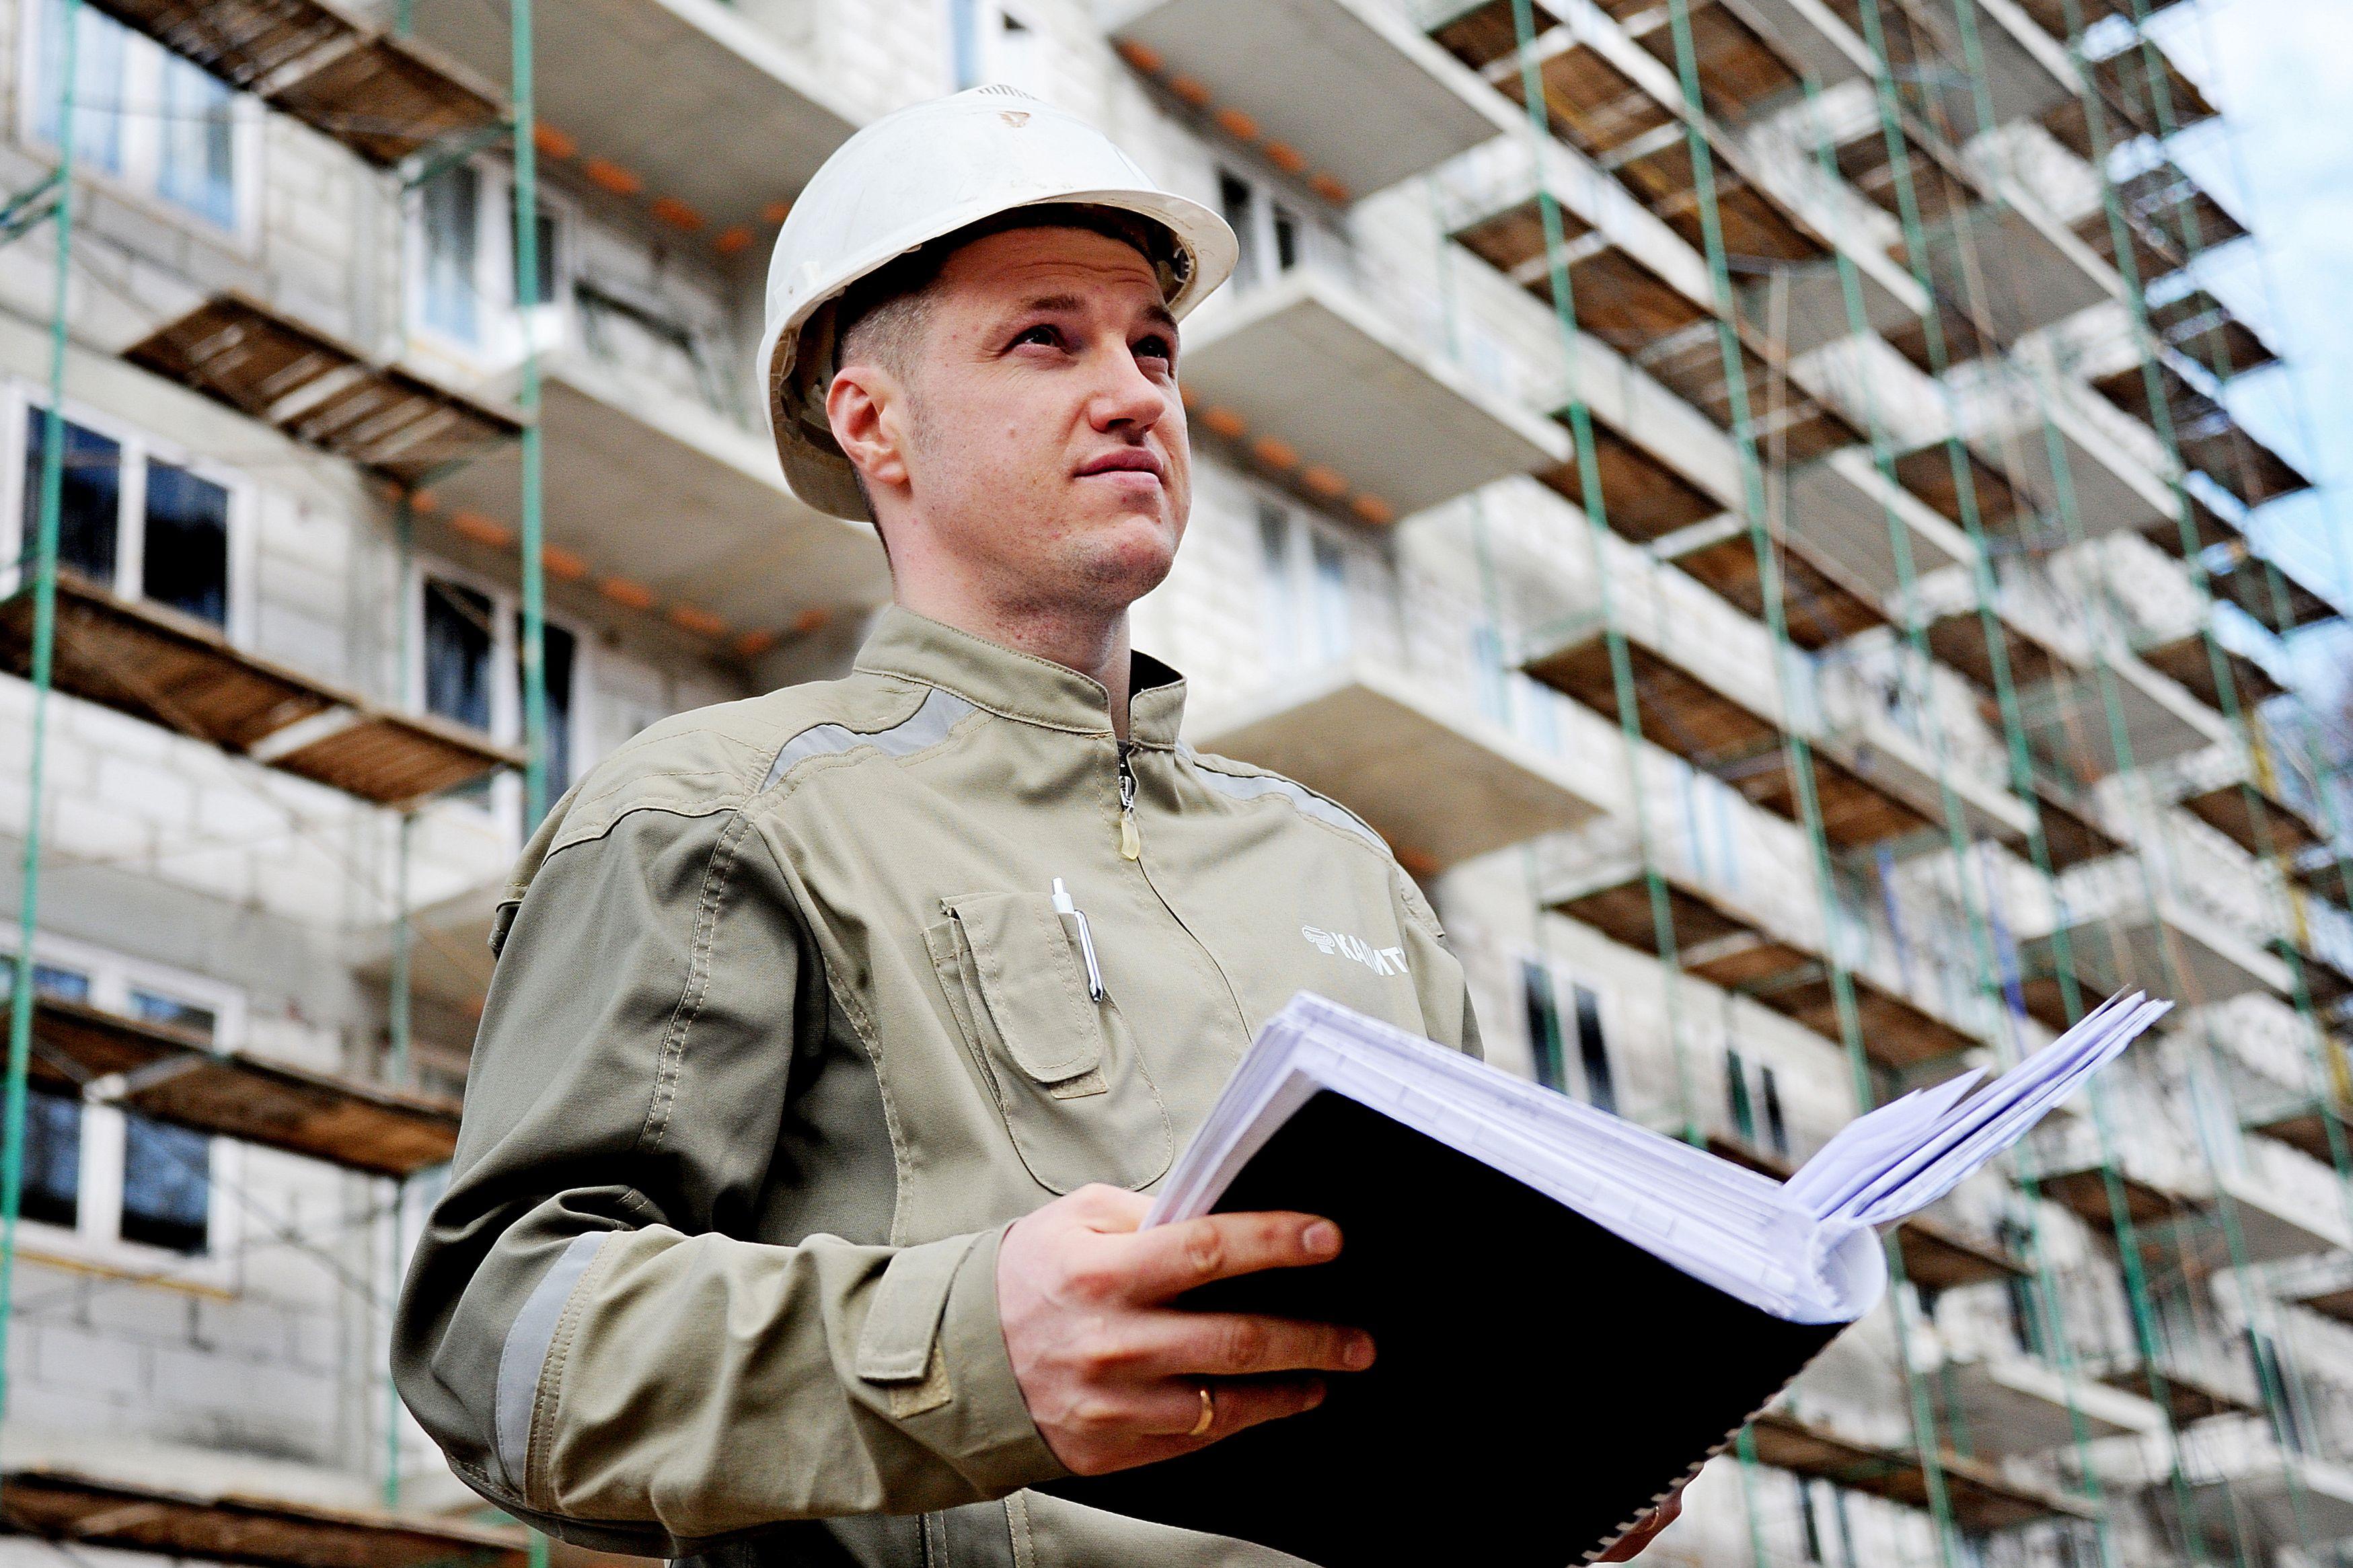 Владимир Ефимов: 26 тысяч москвичей обратились за разъяснениями по программе реновации